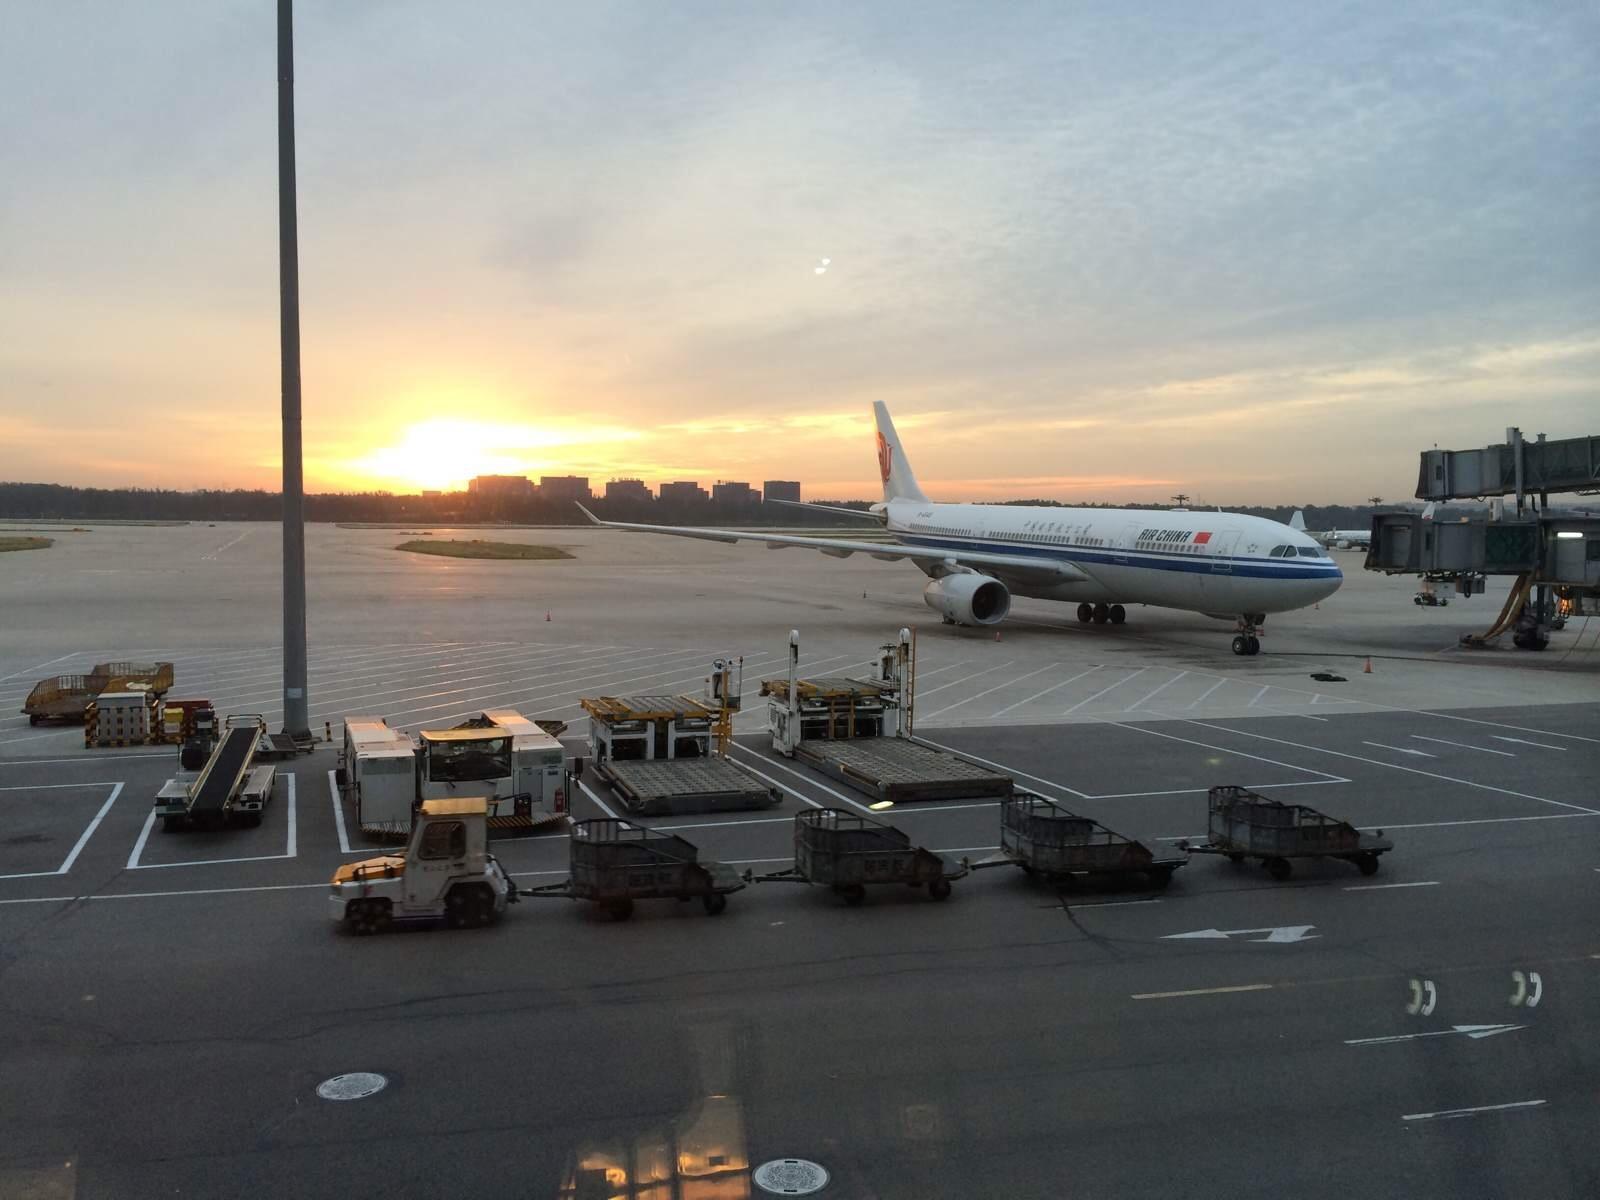 北京首都国际机场是中国的空中门户和对外交流的重要